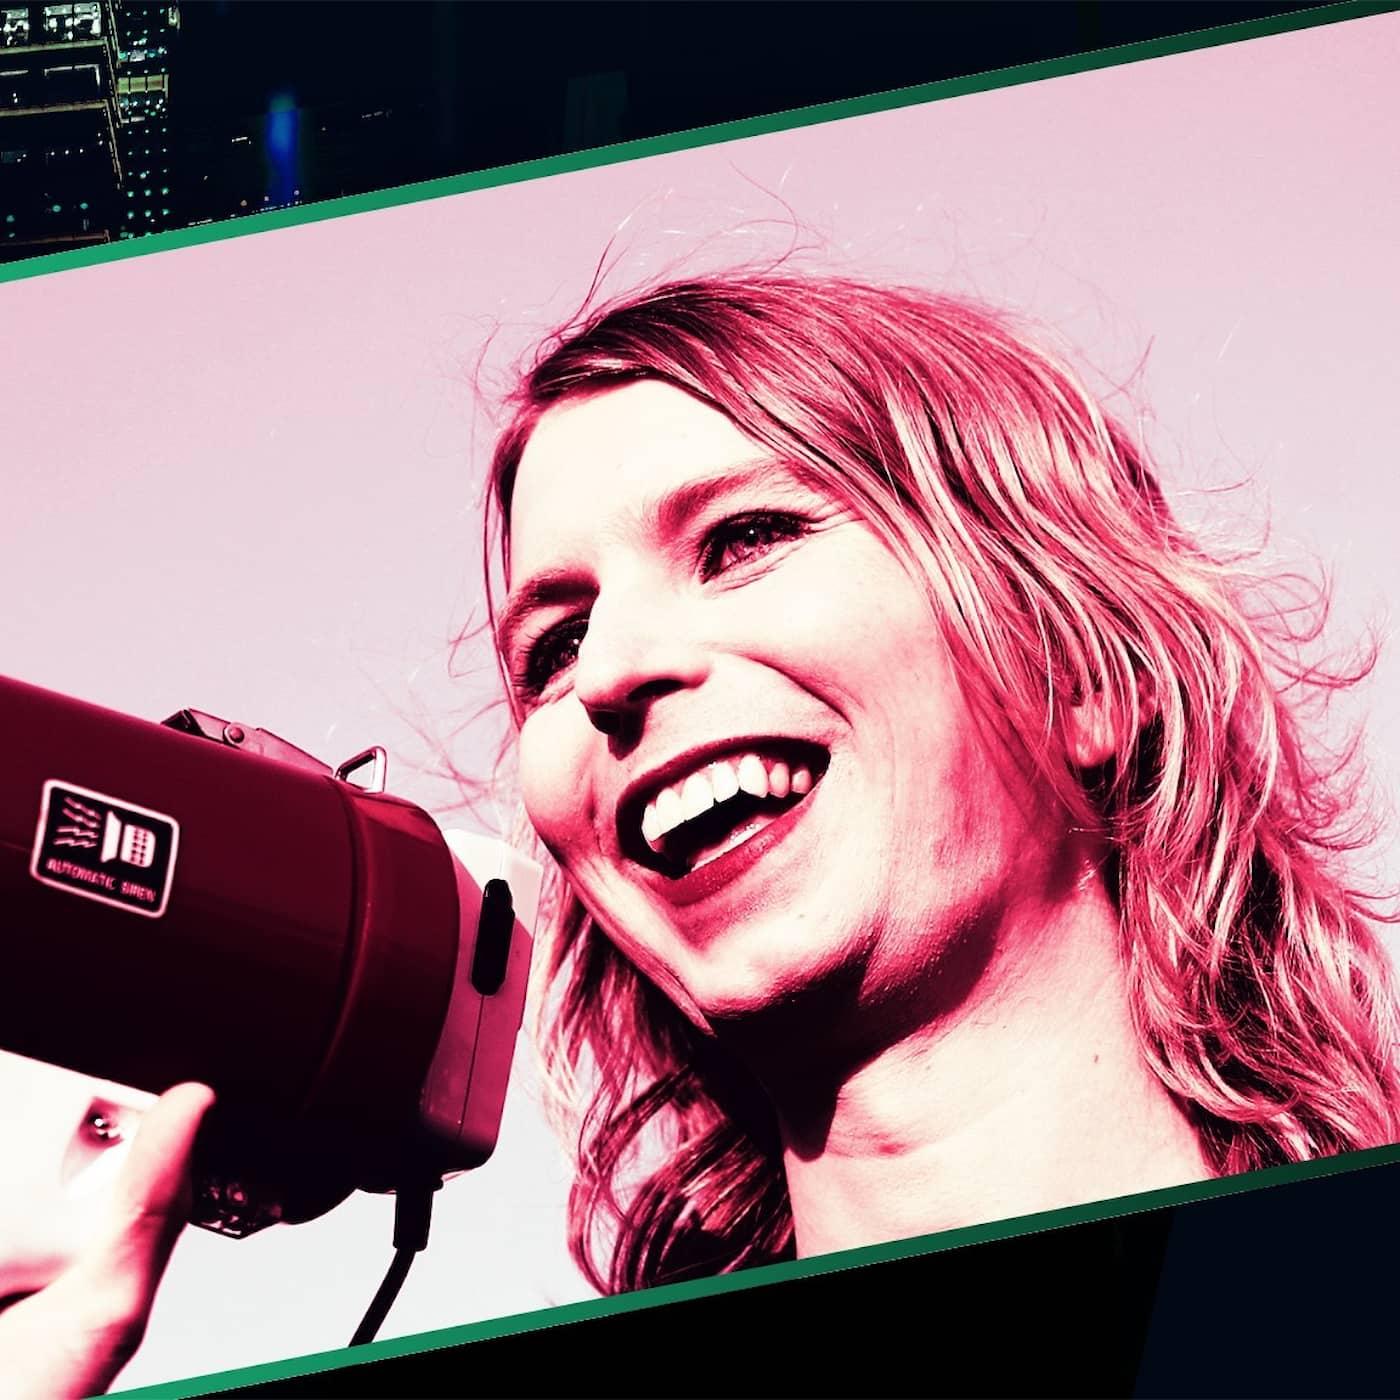 Chelsea Manning – Förebild, förrädare eller både och?